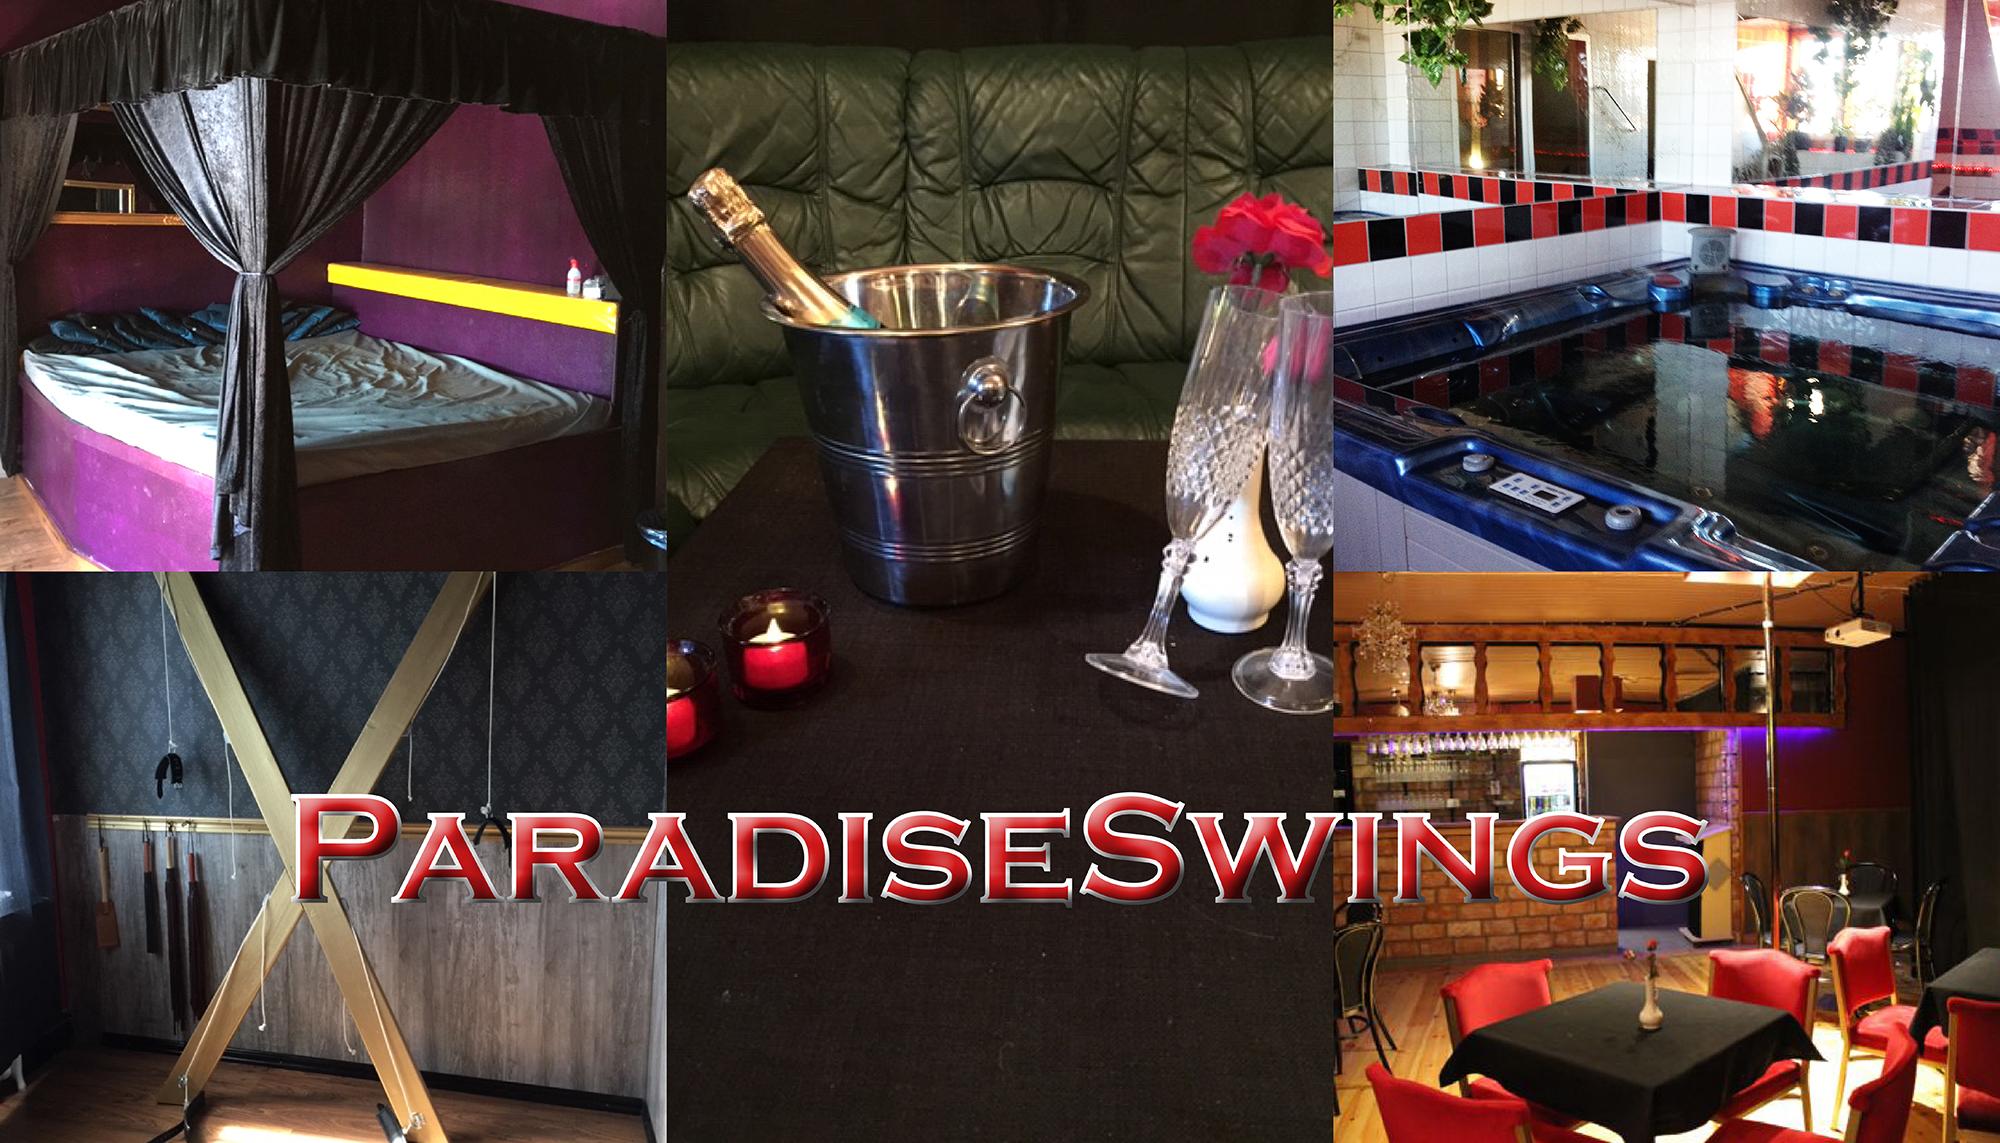 Paradiseswings